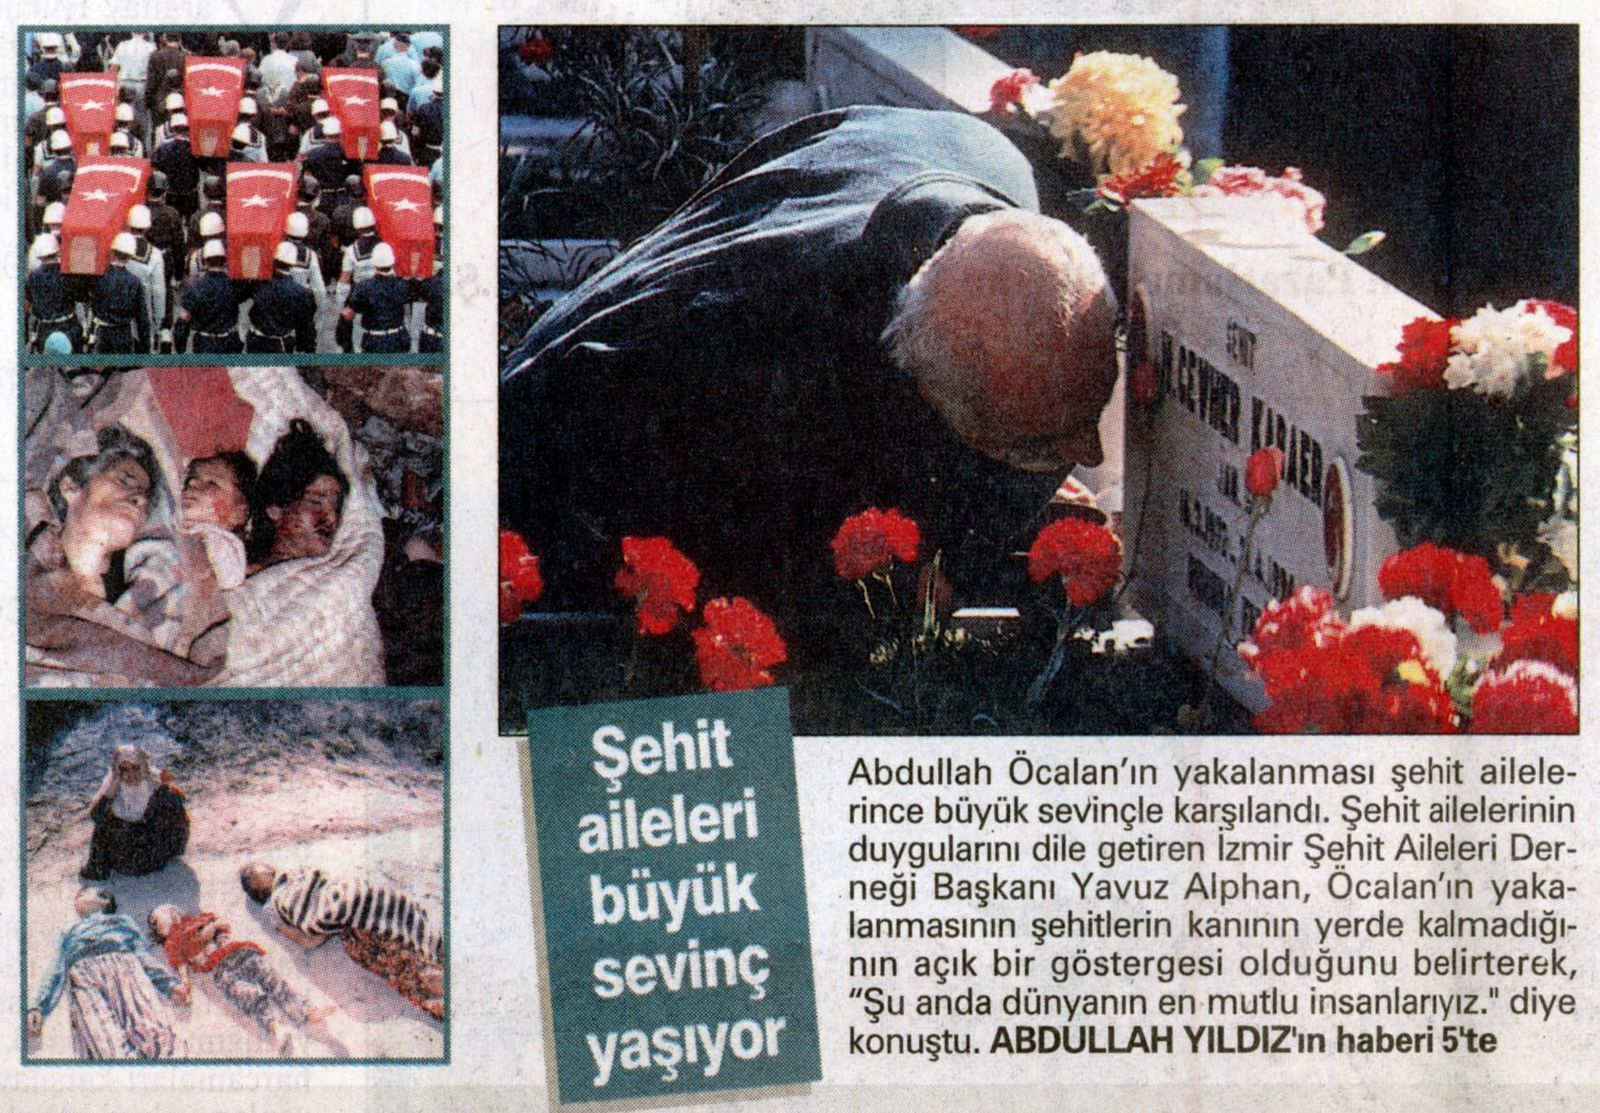 Photomontage publié par Zaman, 14 novembre 1998